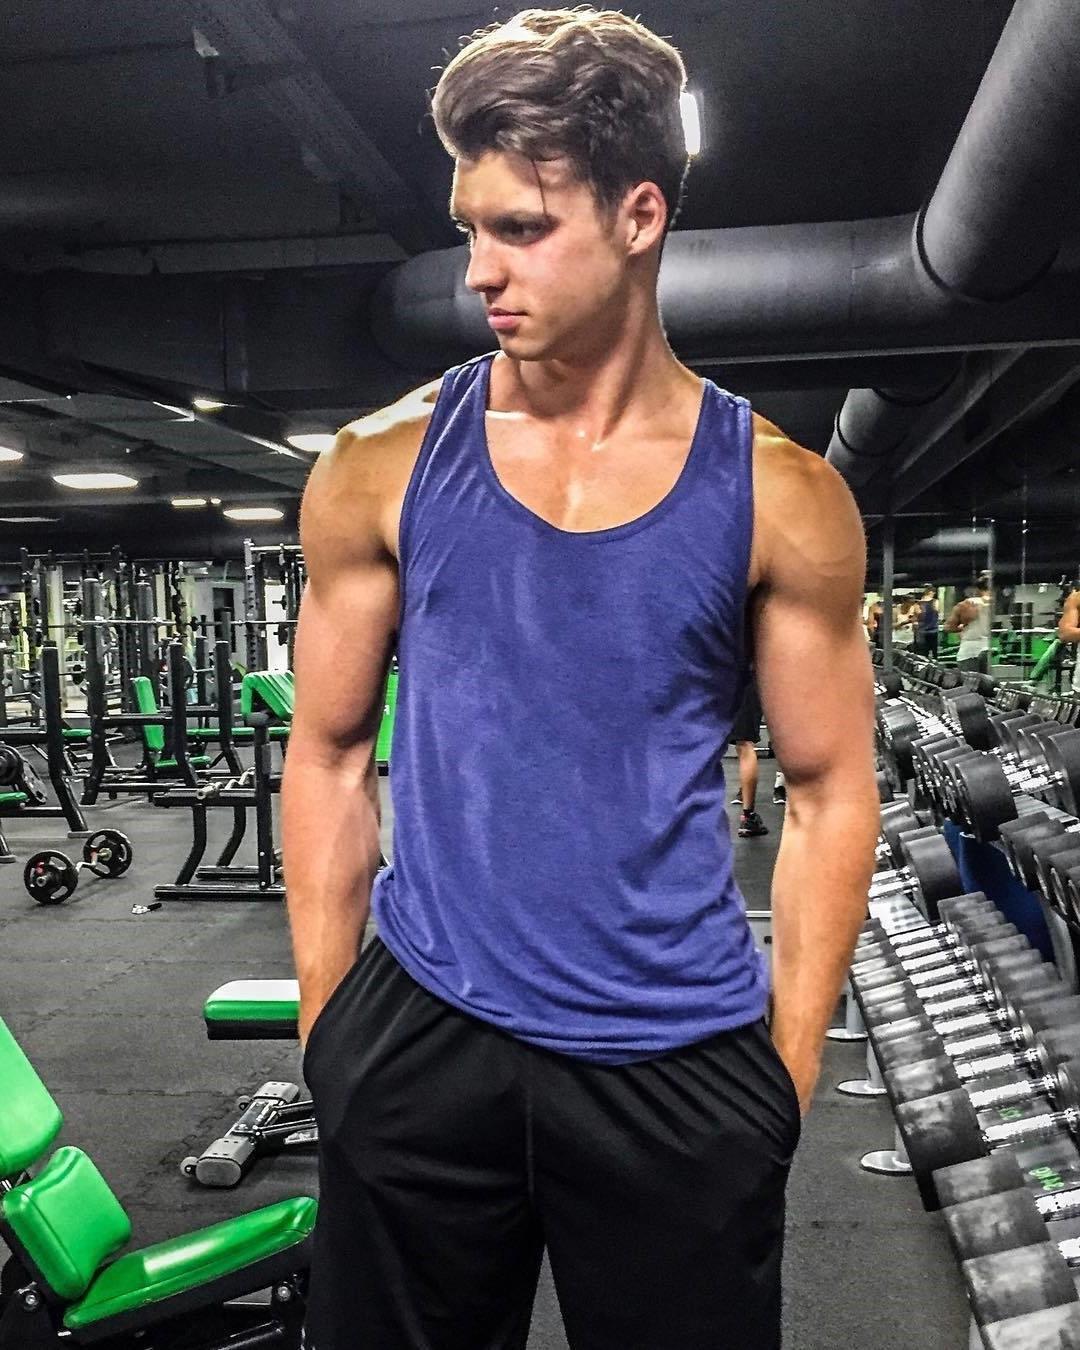 ordinary-boy-next-door-sweaty-gym-bro-pictures